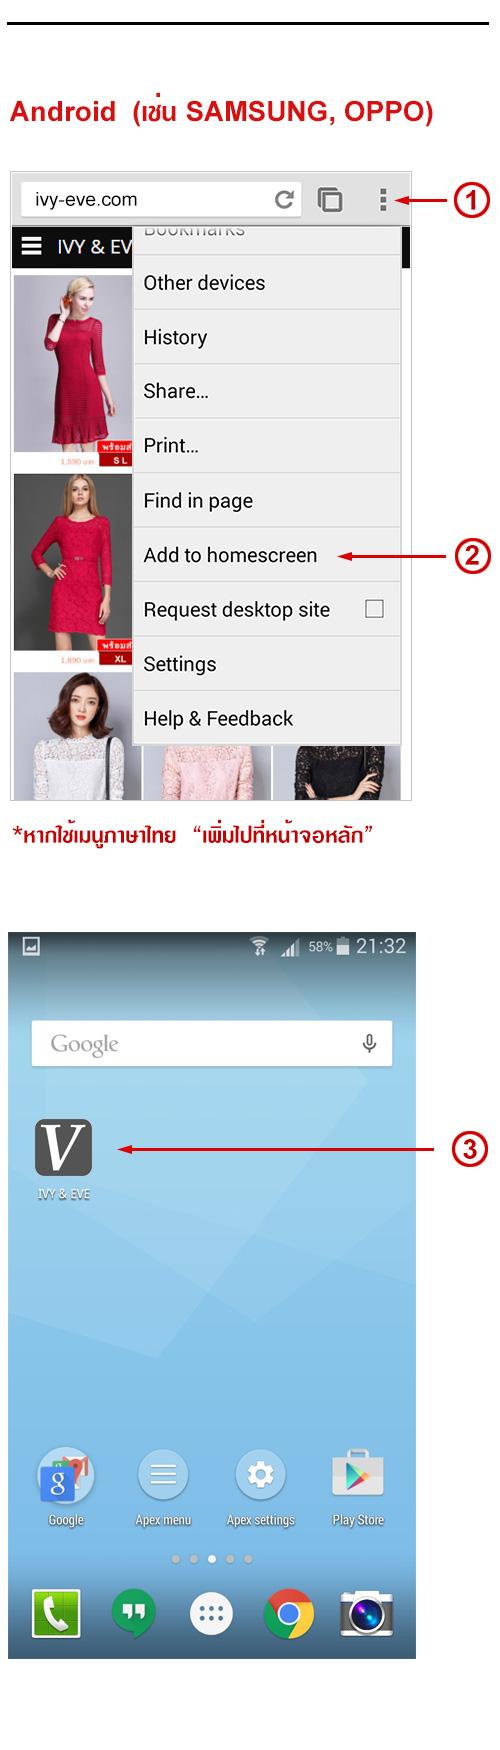 วิธีทำ app icon สำหรับ Android